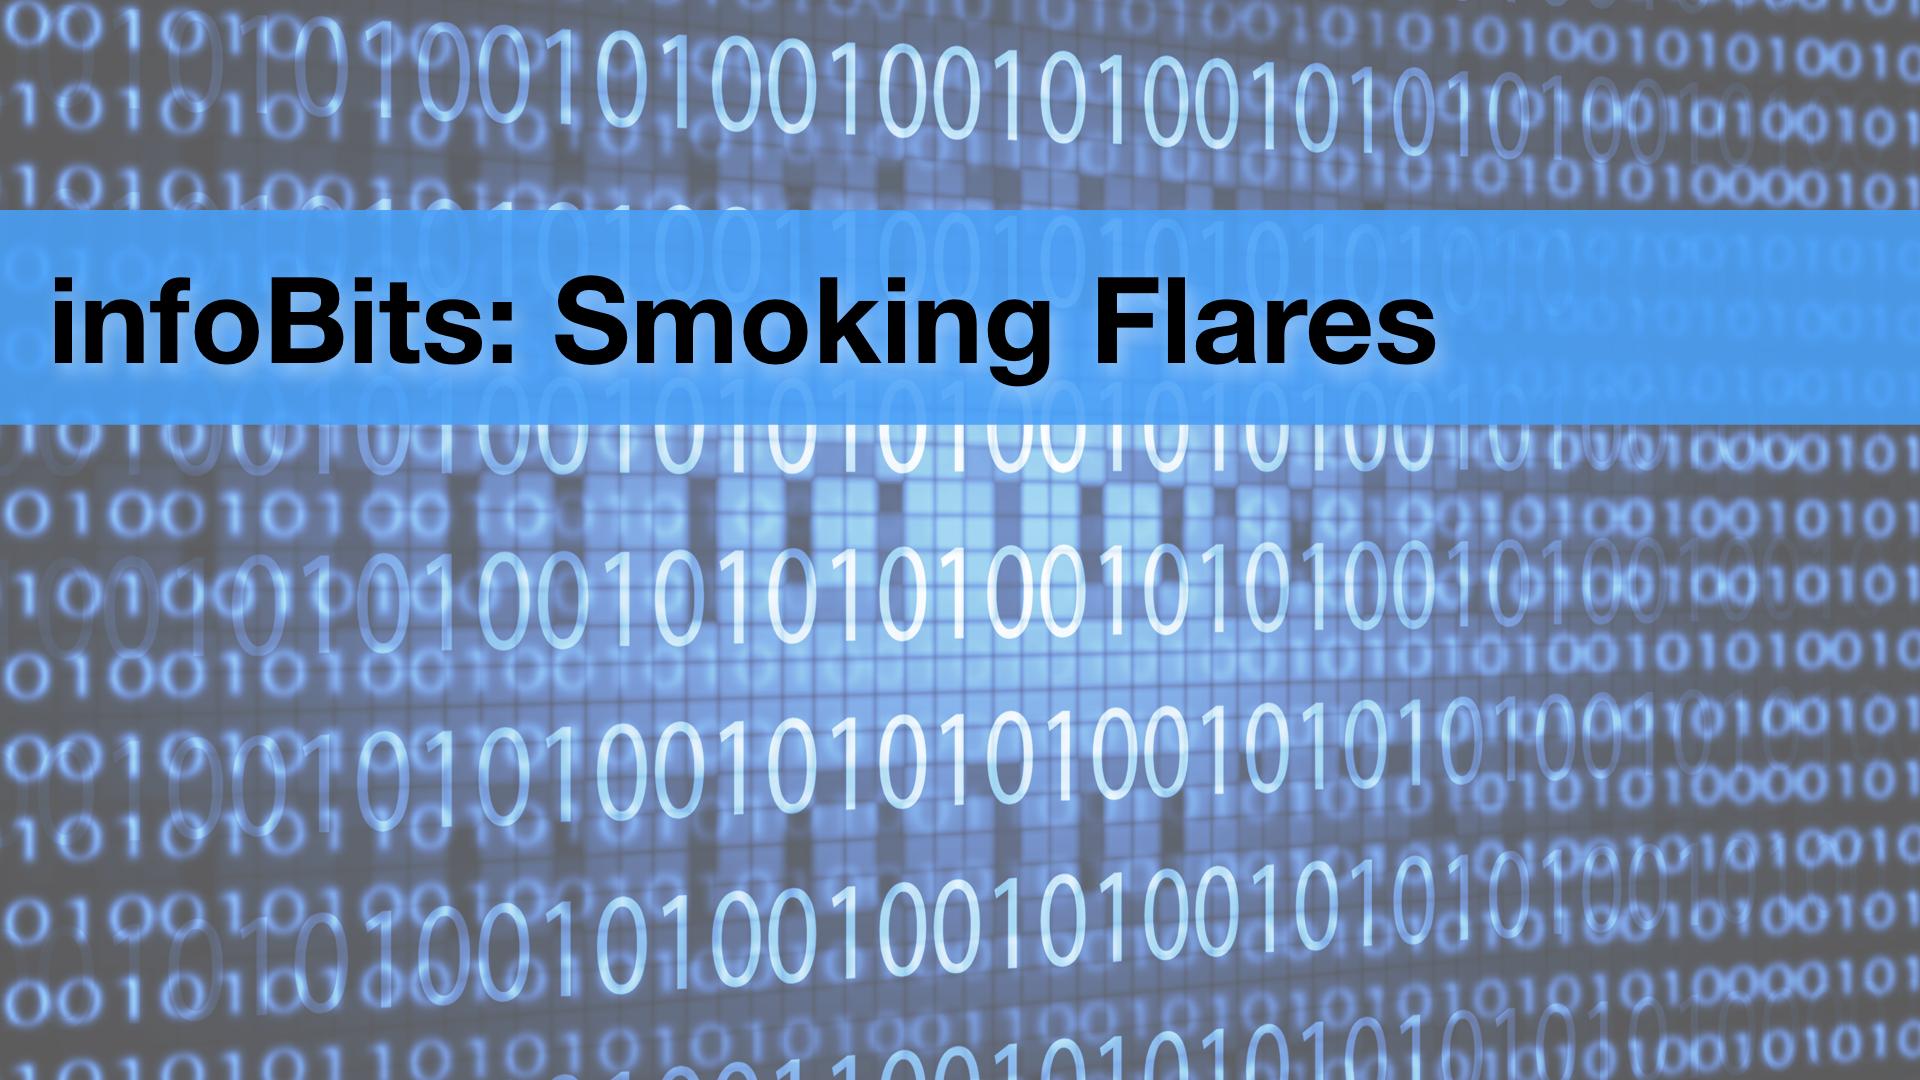 infoBits: Smoking Flares